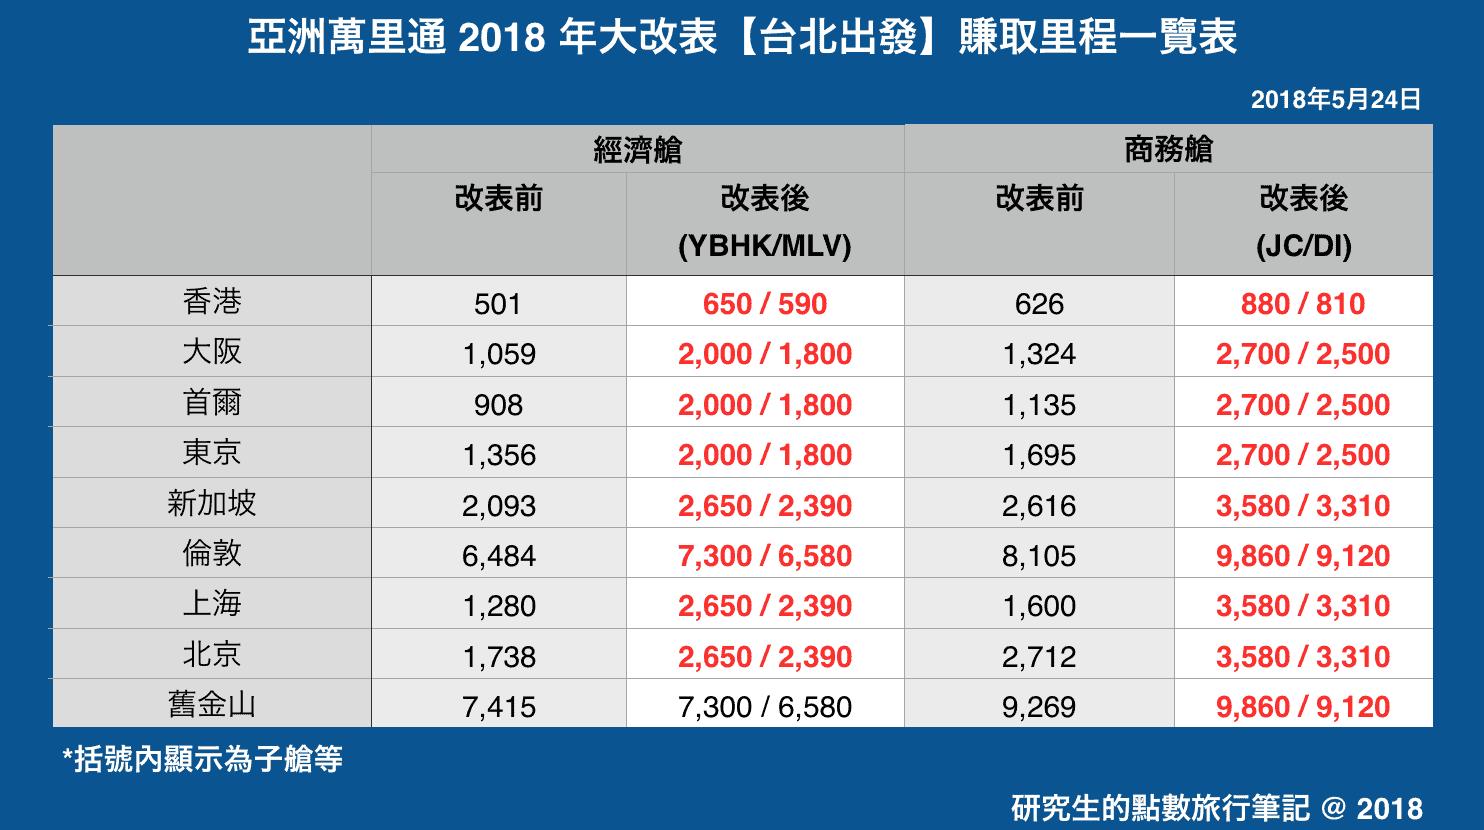 亞洲萬里通 2018 年大改表【台北出發】賺取里程一覽表